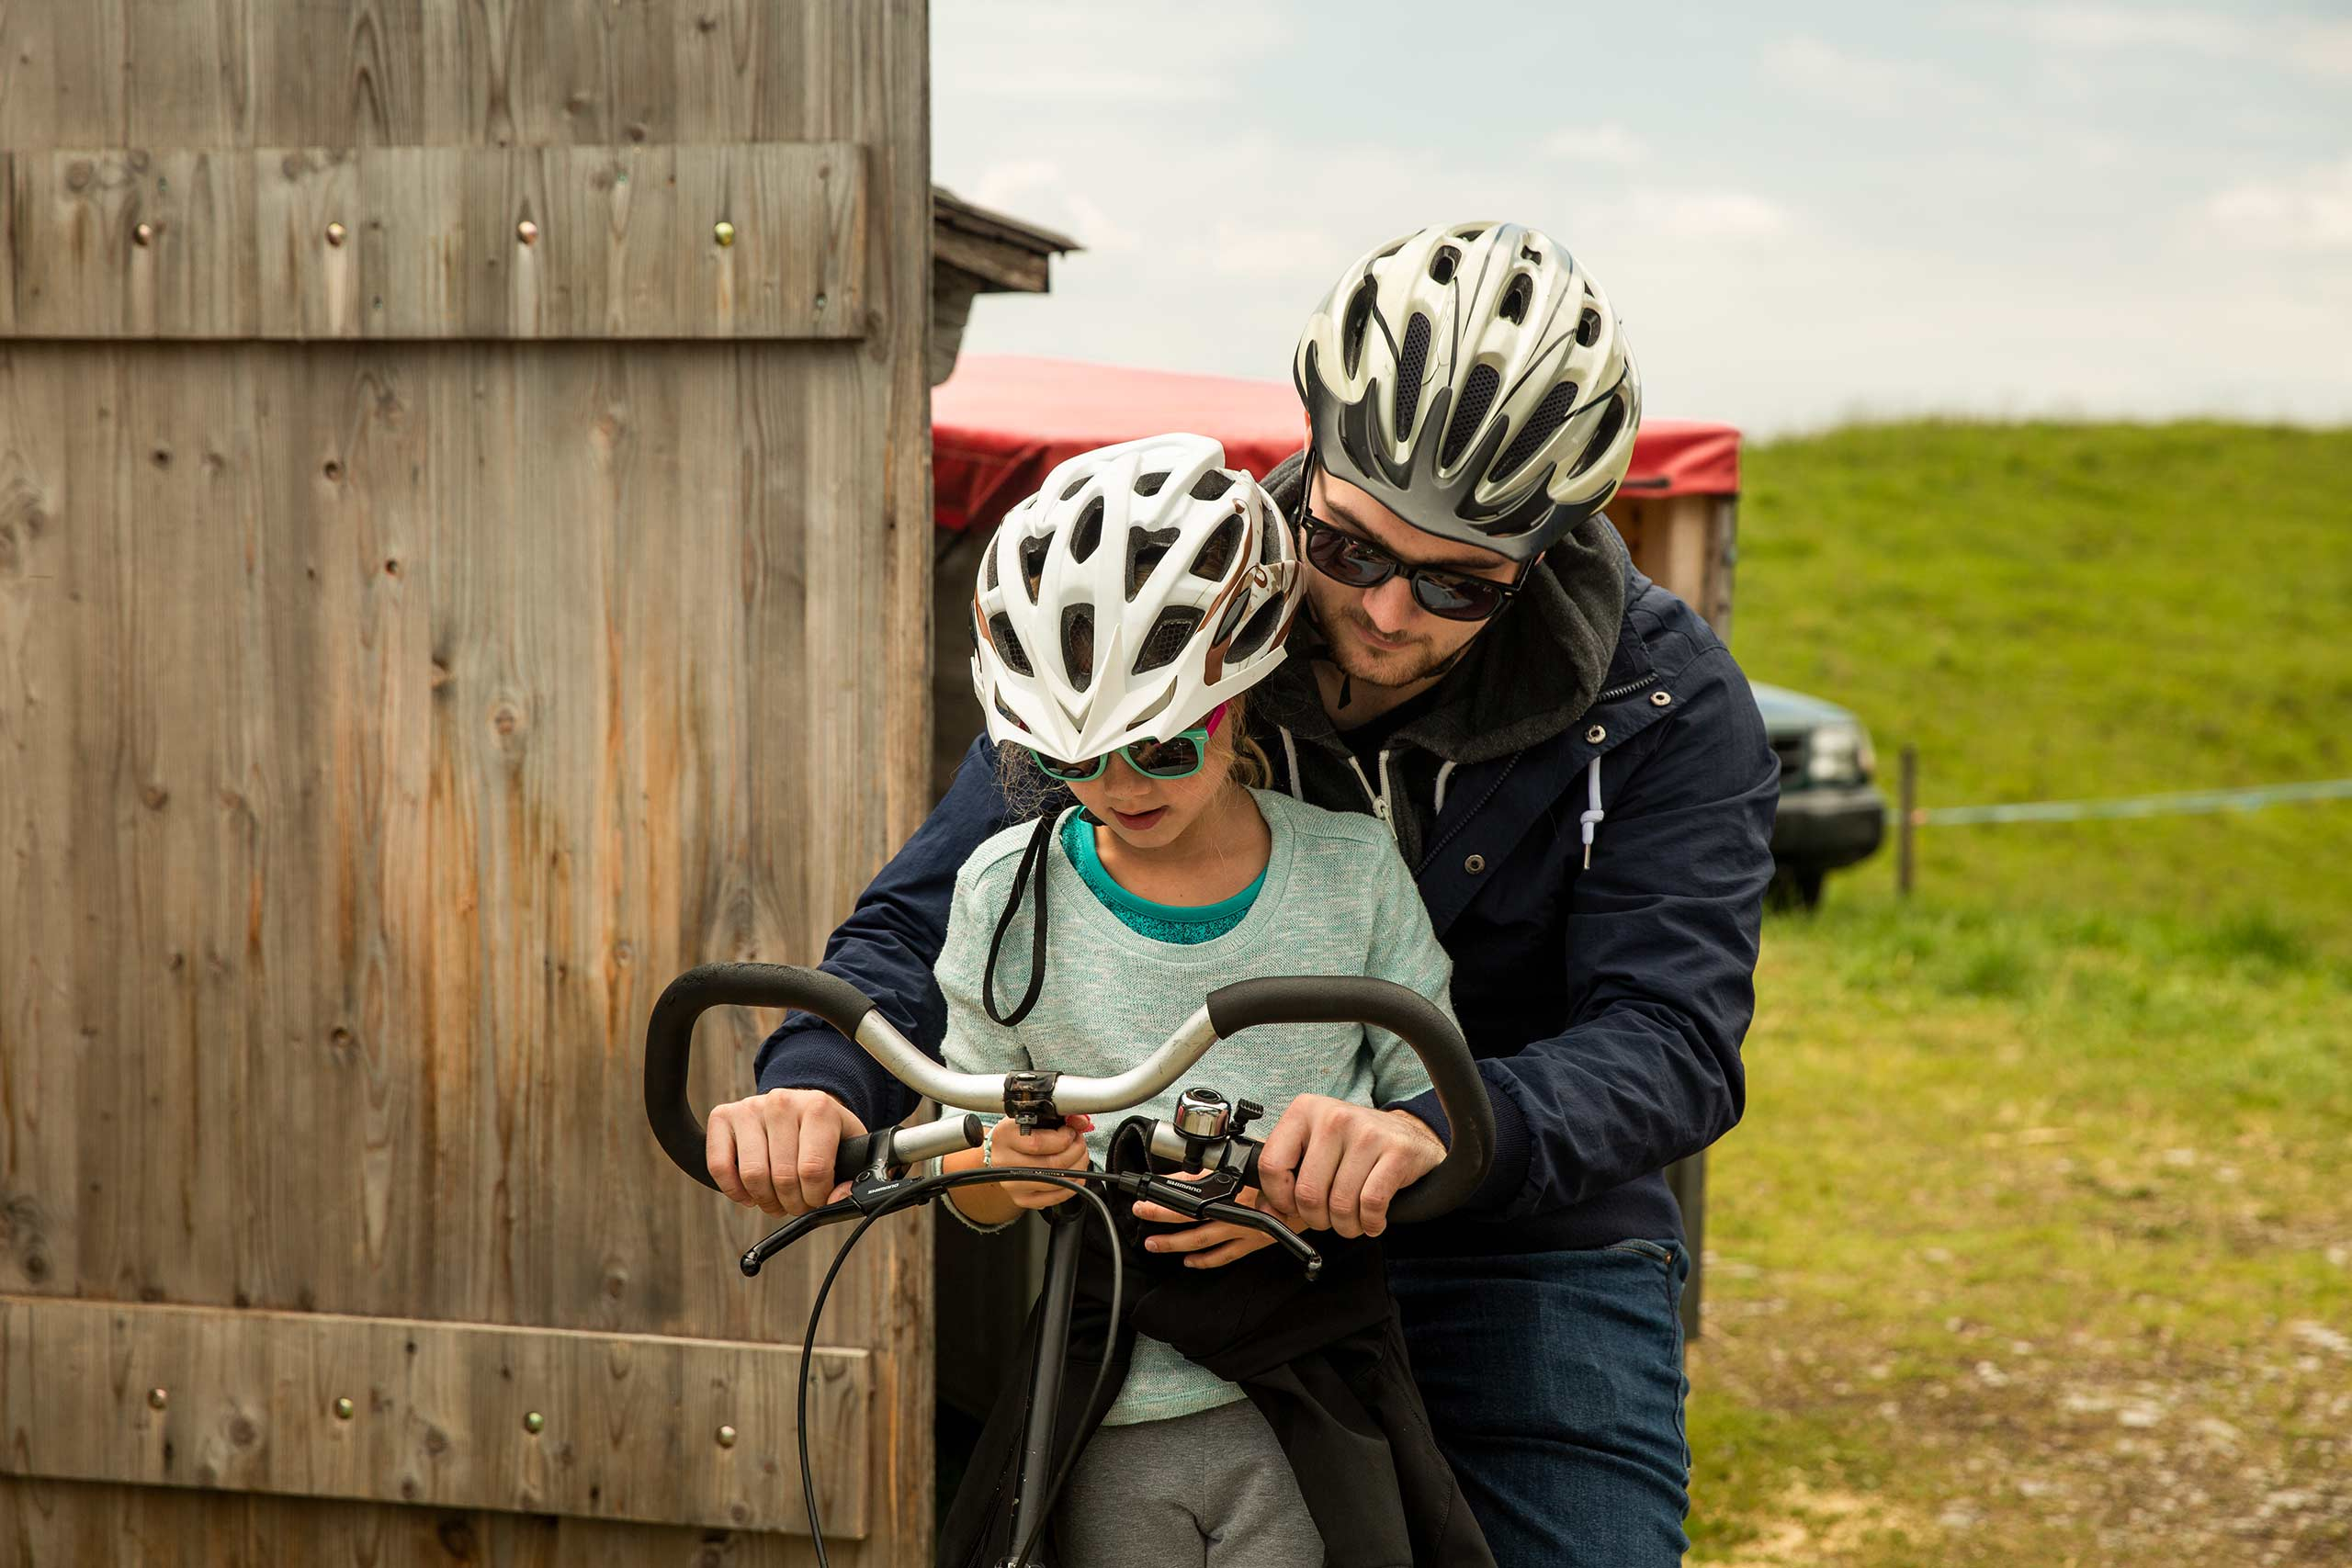 stockhorn-trotti-bike-familie-start-instruktion-sommer.jpg